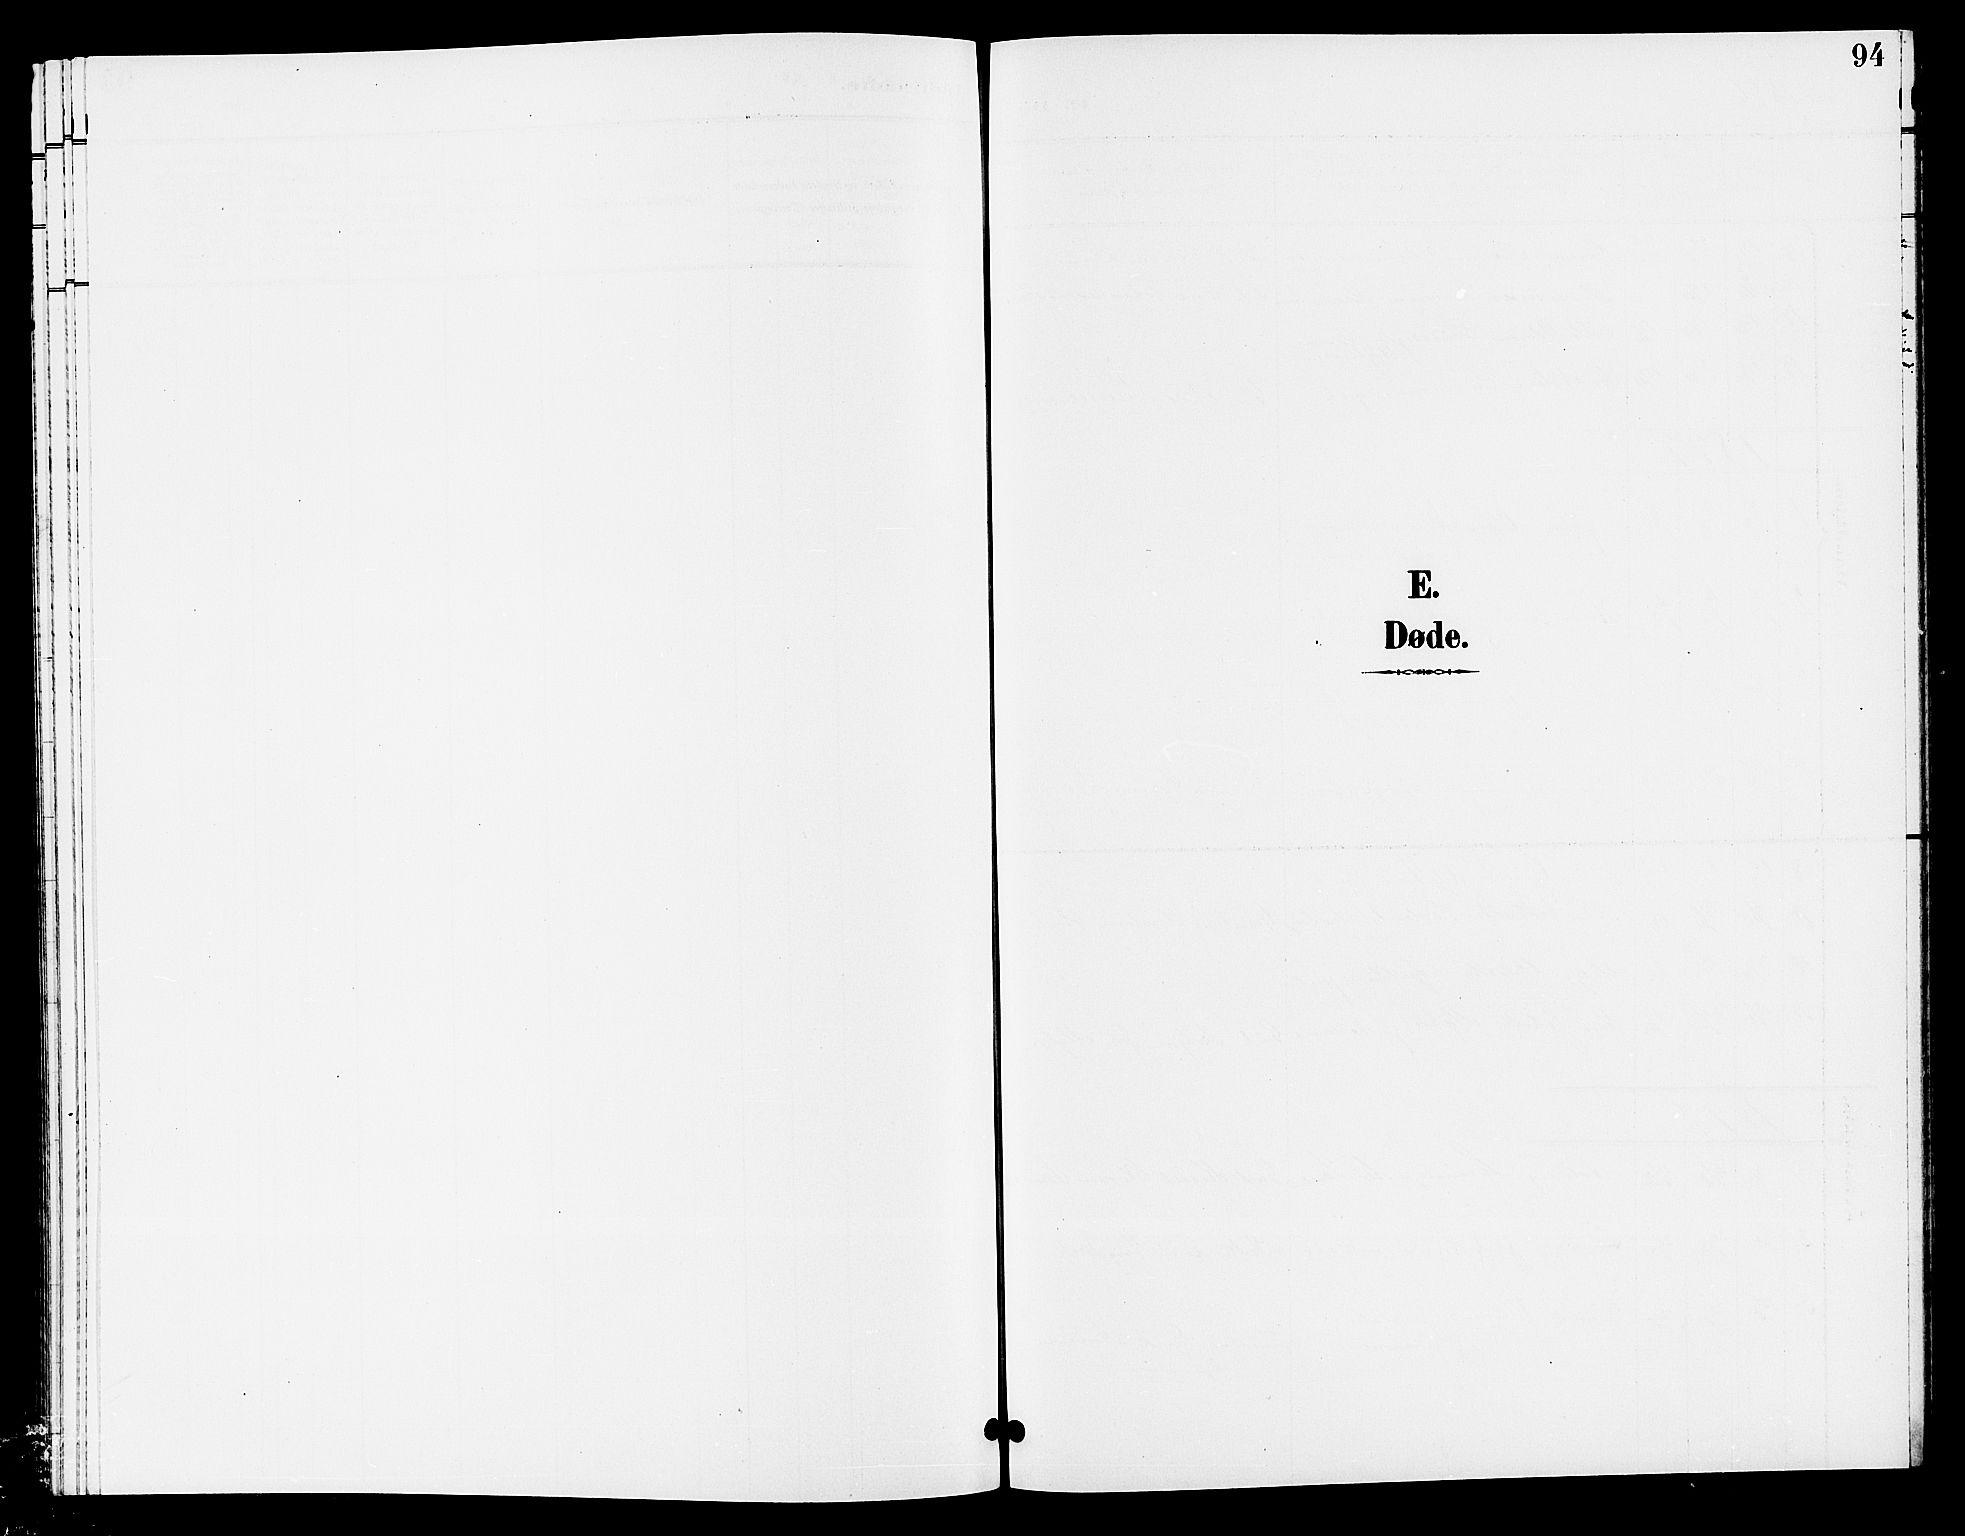 SAKO, Lunde kirkebøker, G/Ga/L0003: Klokkerbok nr. I 3, 1896-1905, s. 94